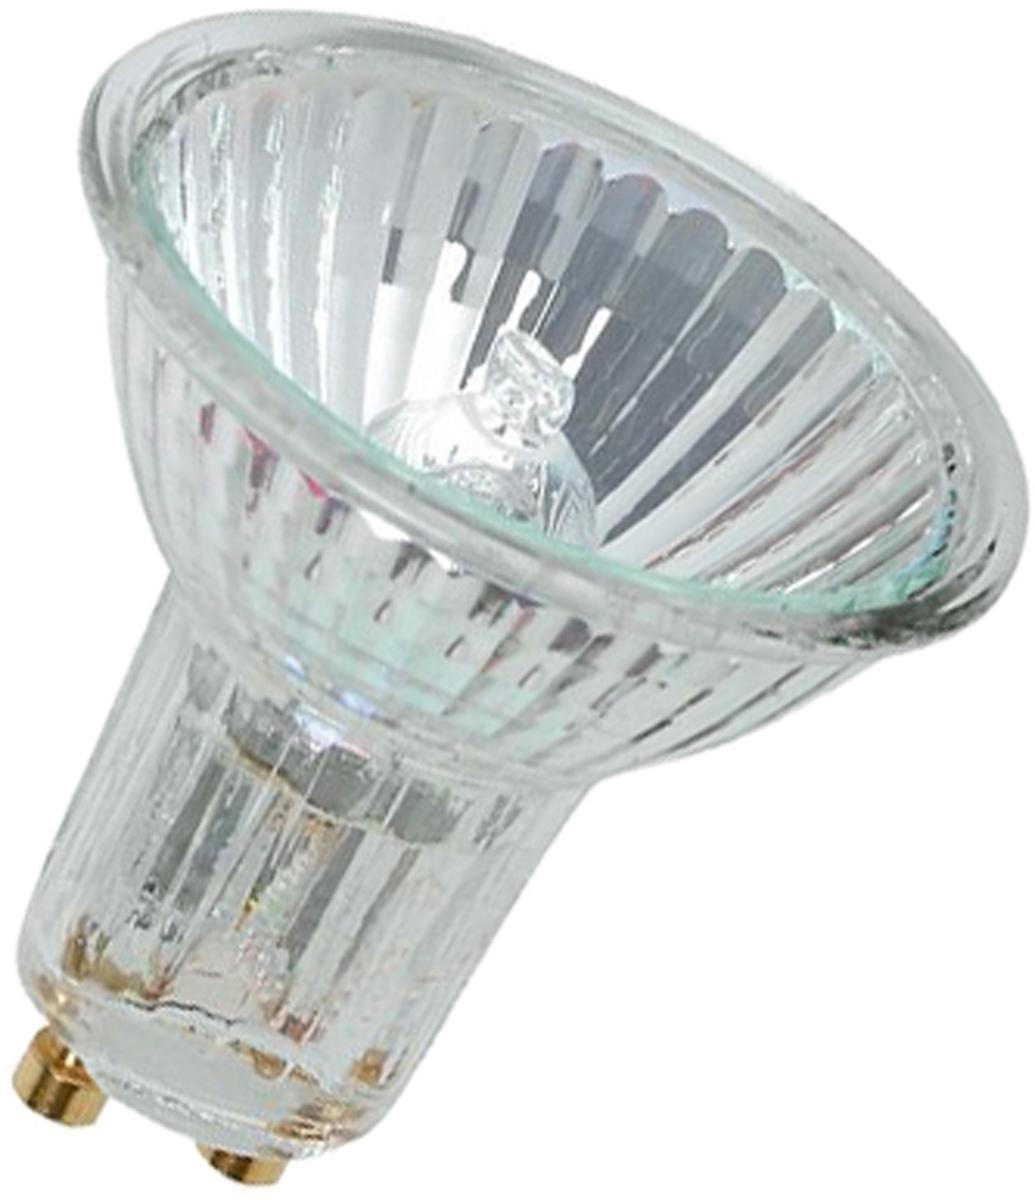 Лампа галогенная Osram Halopar 64824 FL 50W GU10 40503005801114050300580111Светодиодные энергосберегающие лампы потребляют на 70% меньше электроэнергии, что не только экономит деньги, но и снижает нагрузку на проводку. Свет, который излучают светодиодные светильники, не раздражает глаза и может быть разным по интенсивности и световой температуре. Они легко монтируются в стены и потолки, в том числе и в натяжные. Разнообразный дизайн позволяет подобрать светодиодные лампы для любого пространства.